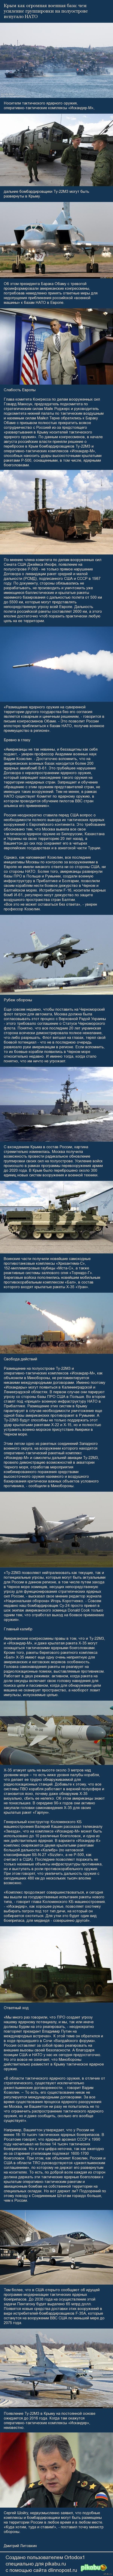 Крым как огромная военная база: чем усиление группировки на полуострове испугало НАТО Носители тактического ядерного оружия, оперативно-тактические комплексы «Искандер-М», дальние бомбардировщики Ту-22М3 могут быть развернуты в Крыму.